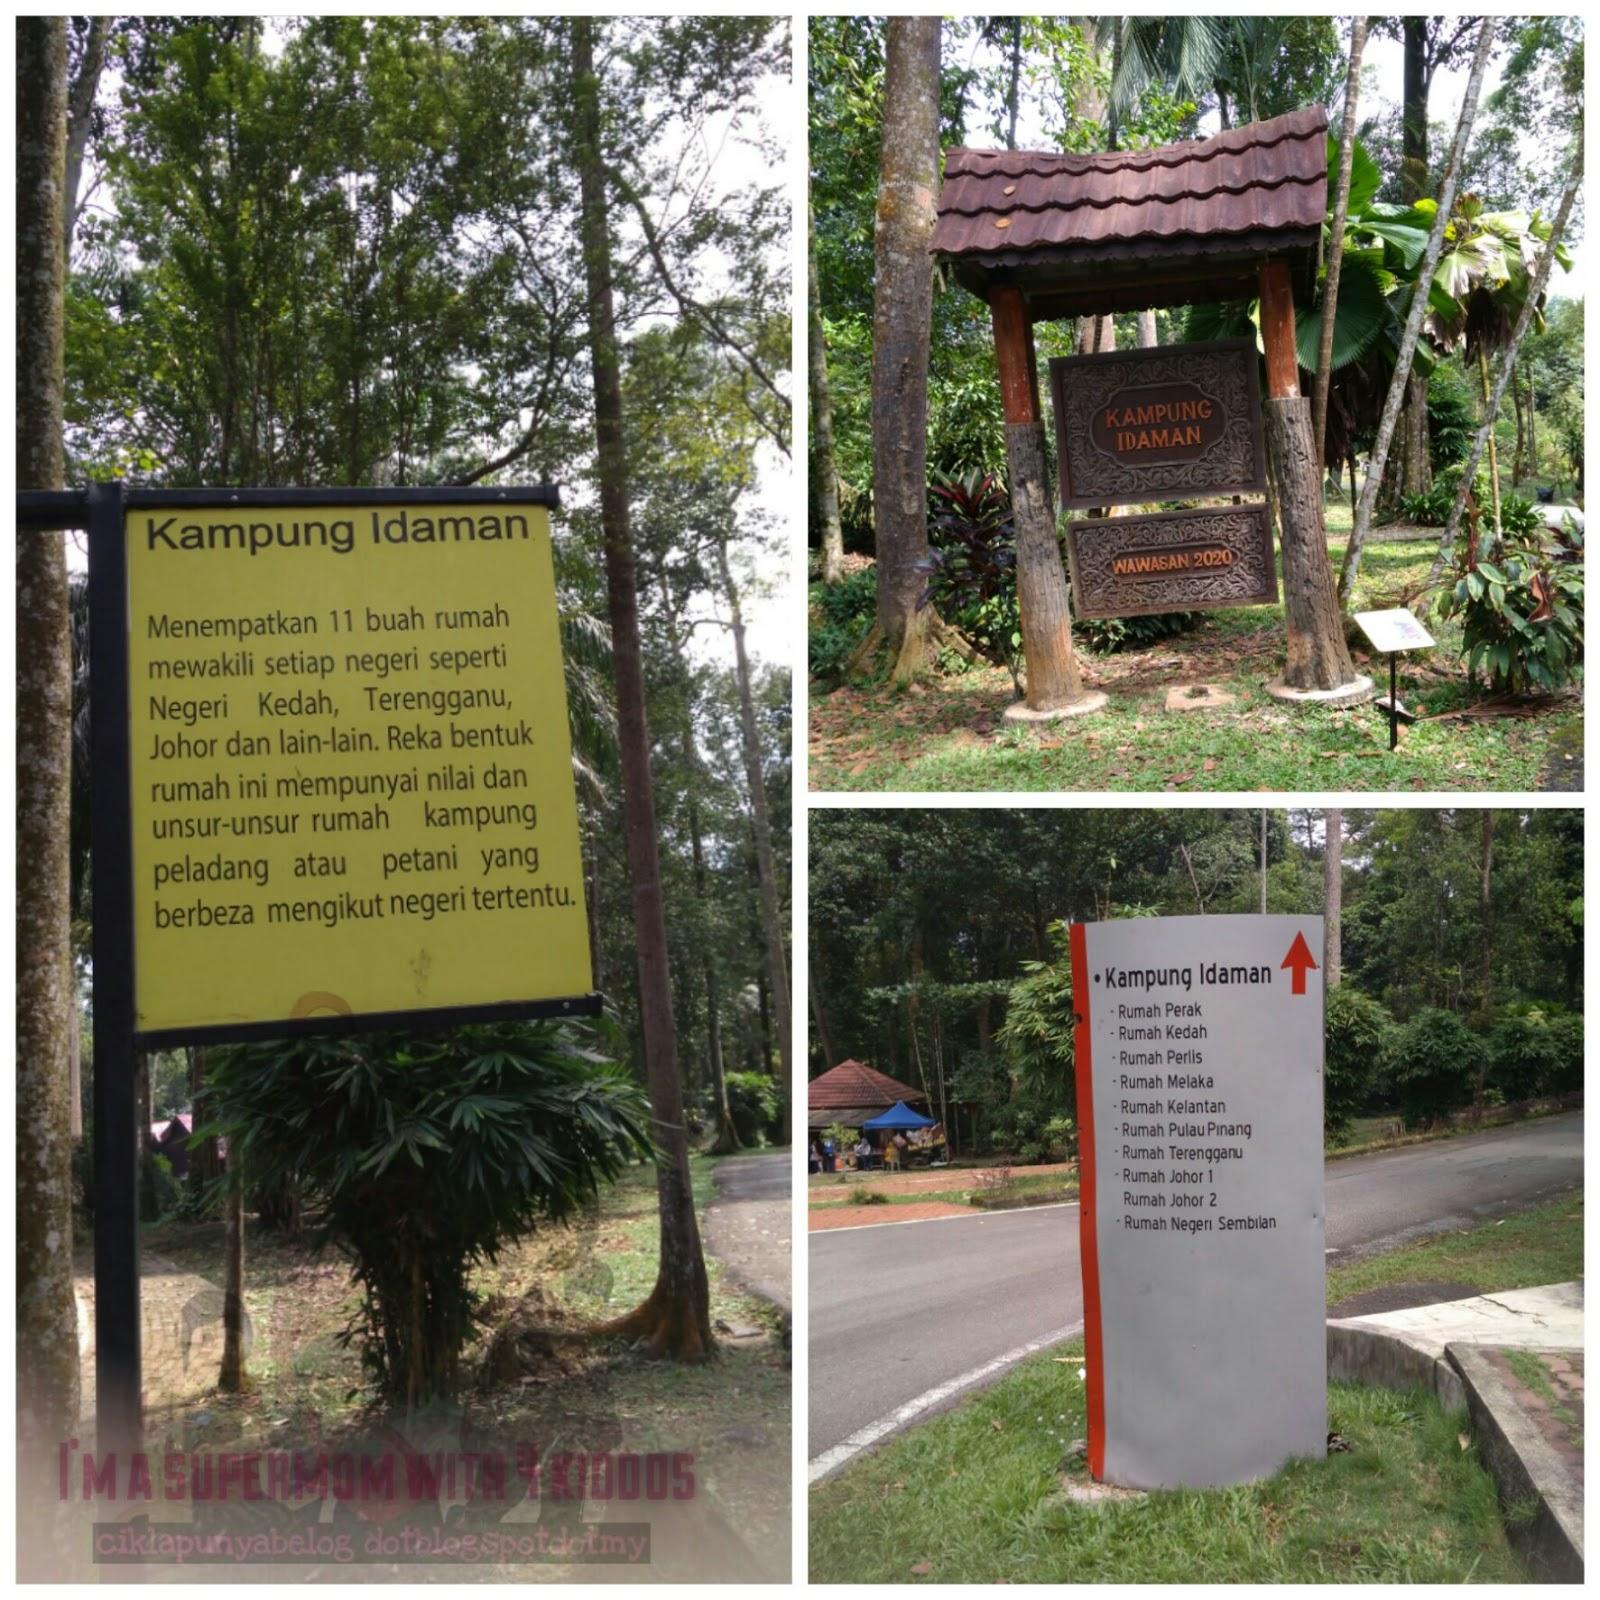 [Entri Bergambar] Jalan-jalan membakar lemak di Taman Botani Negara, Shah Alam.